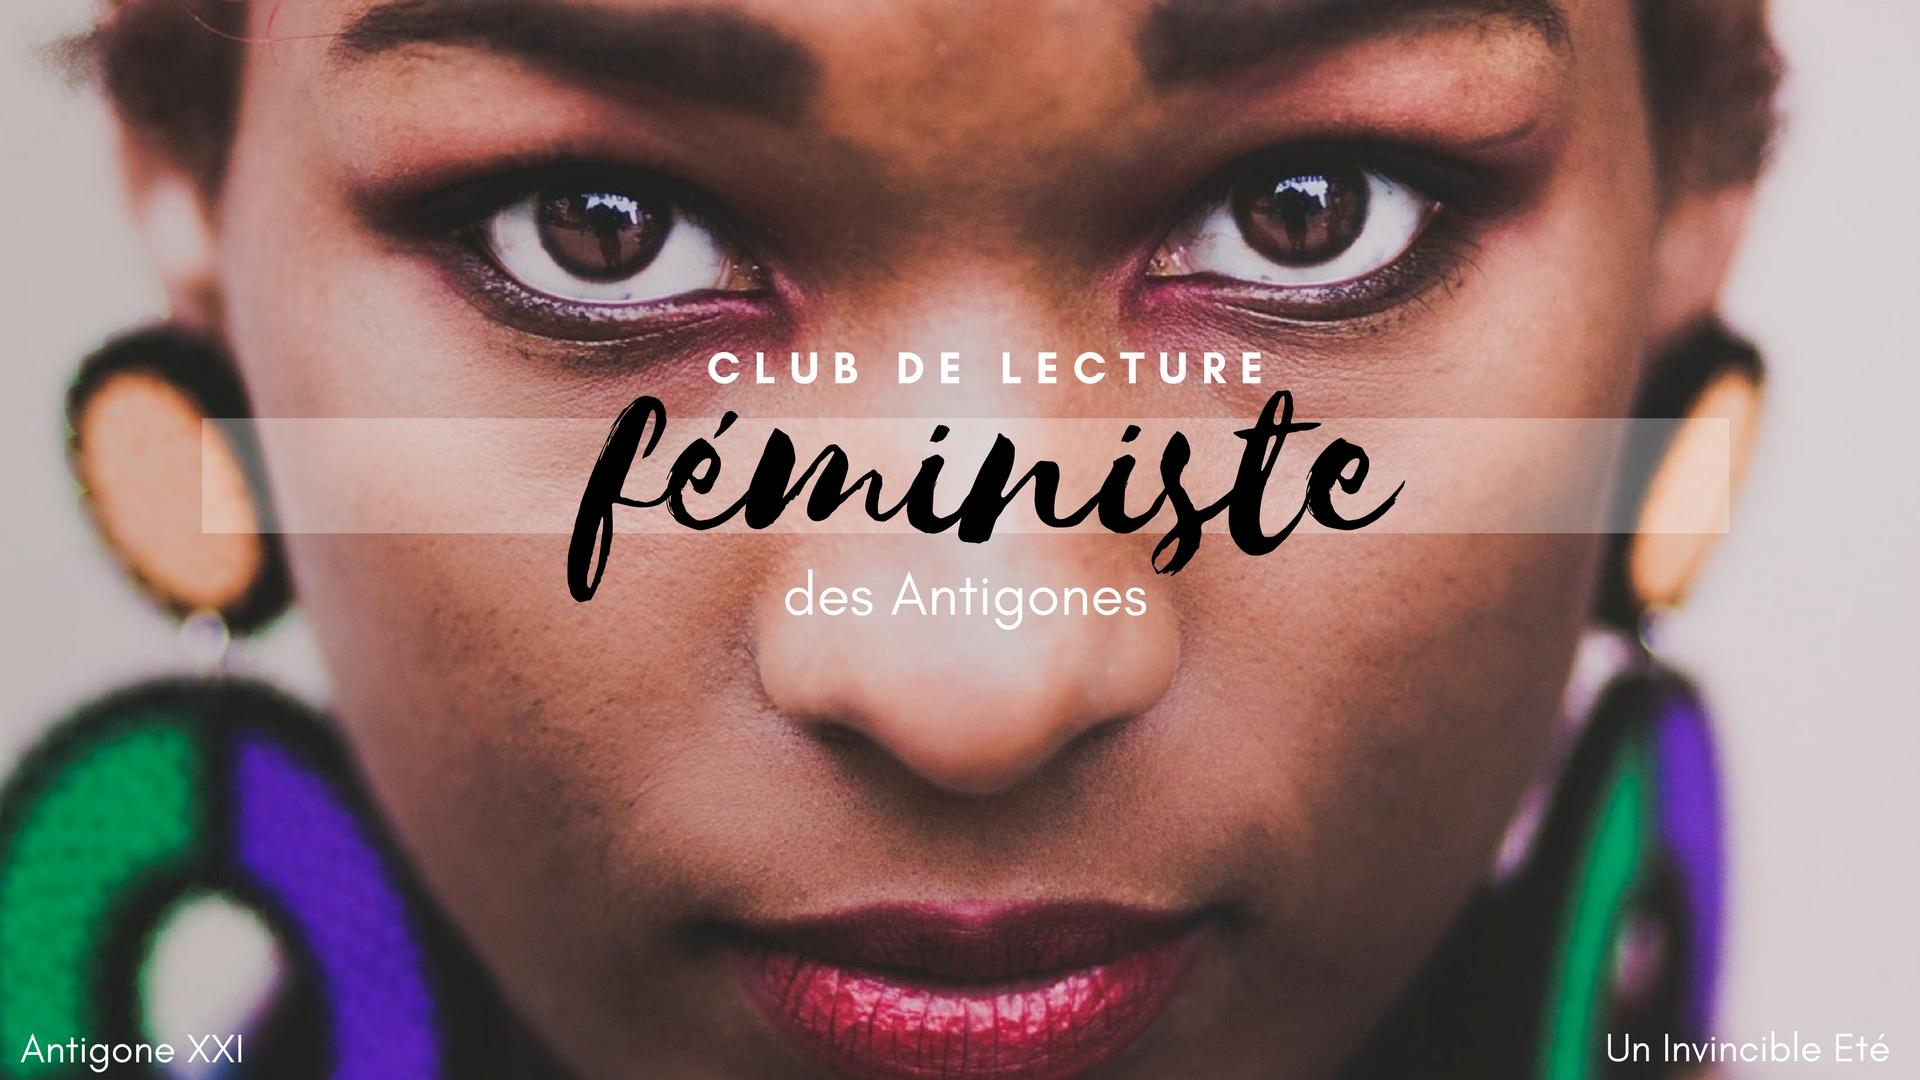 Club de lecture féministe des Antigones